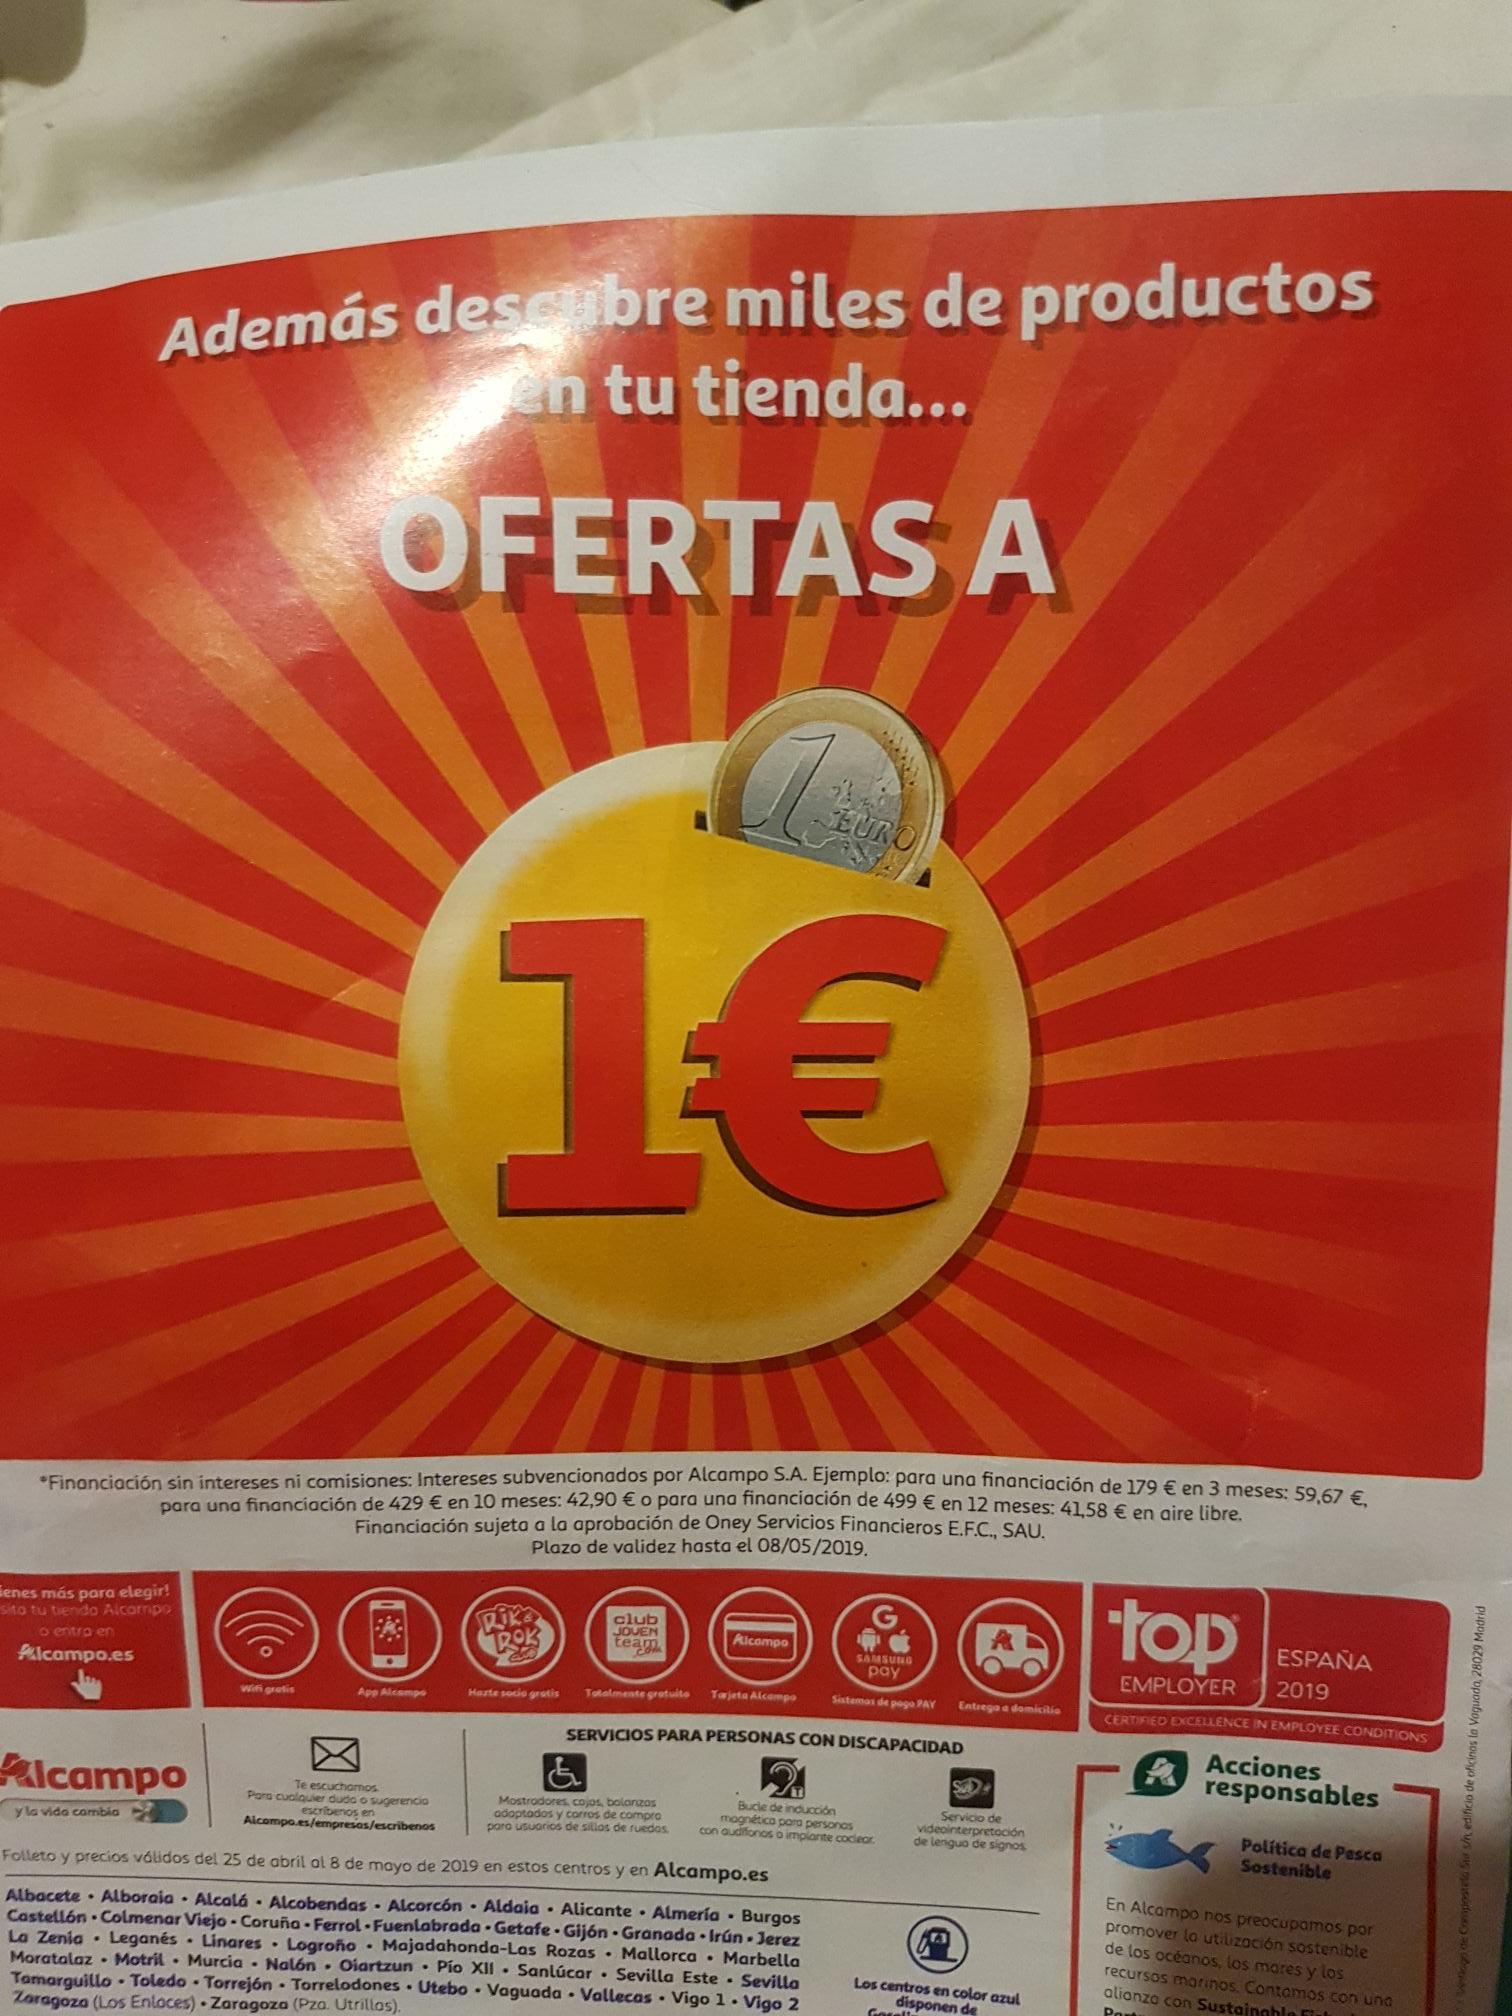 Ofertas a 1€ en Alcampo!